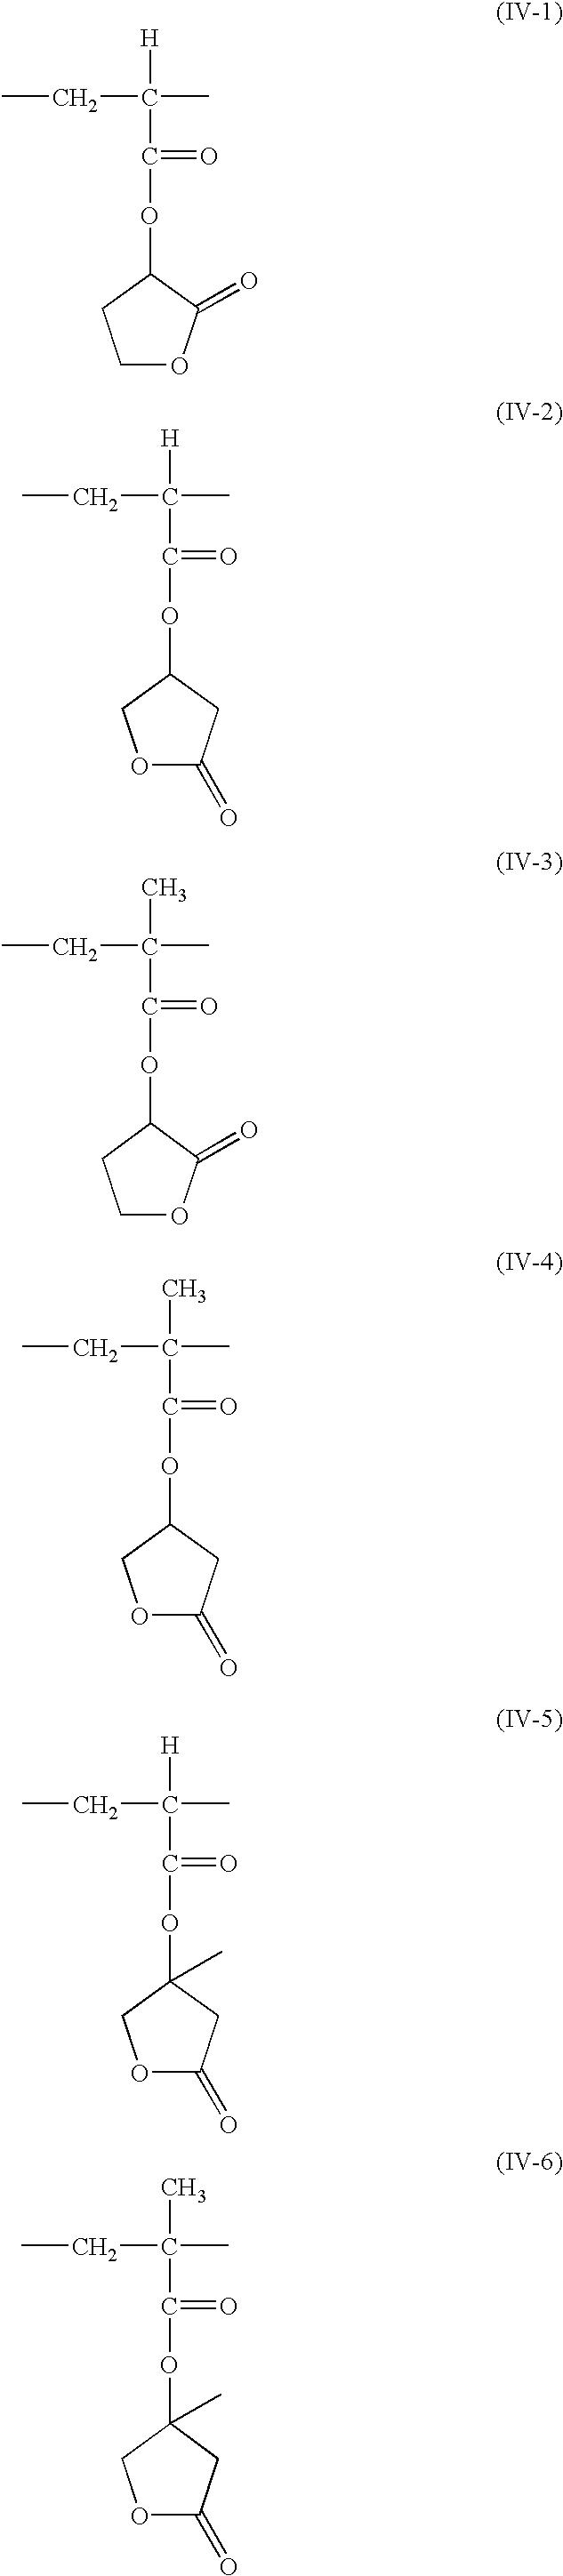 Figure US20030186161A1-20031002-C00090